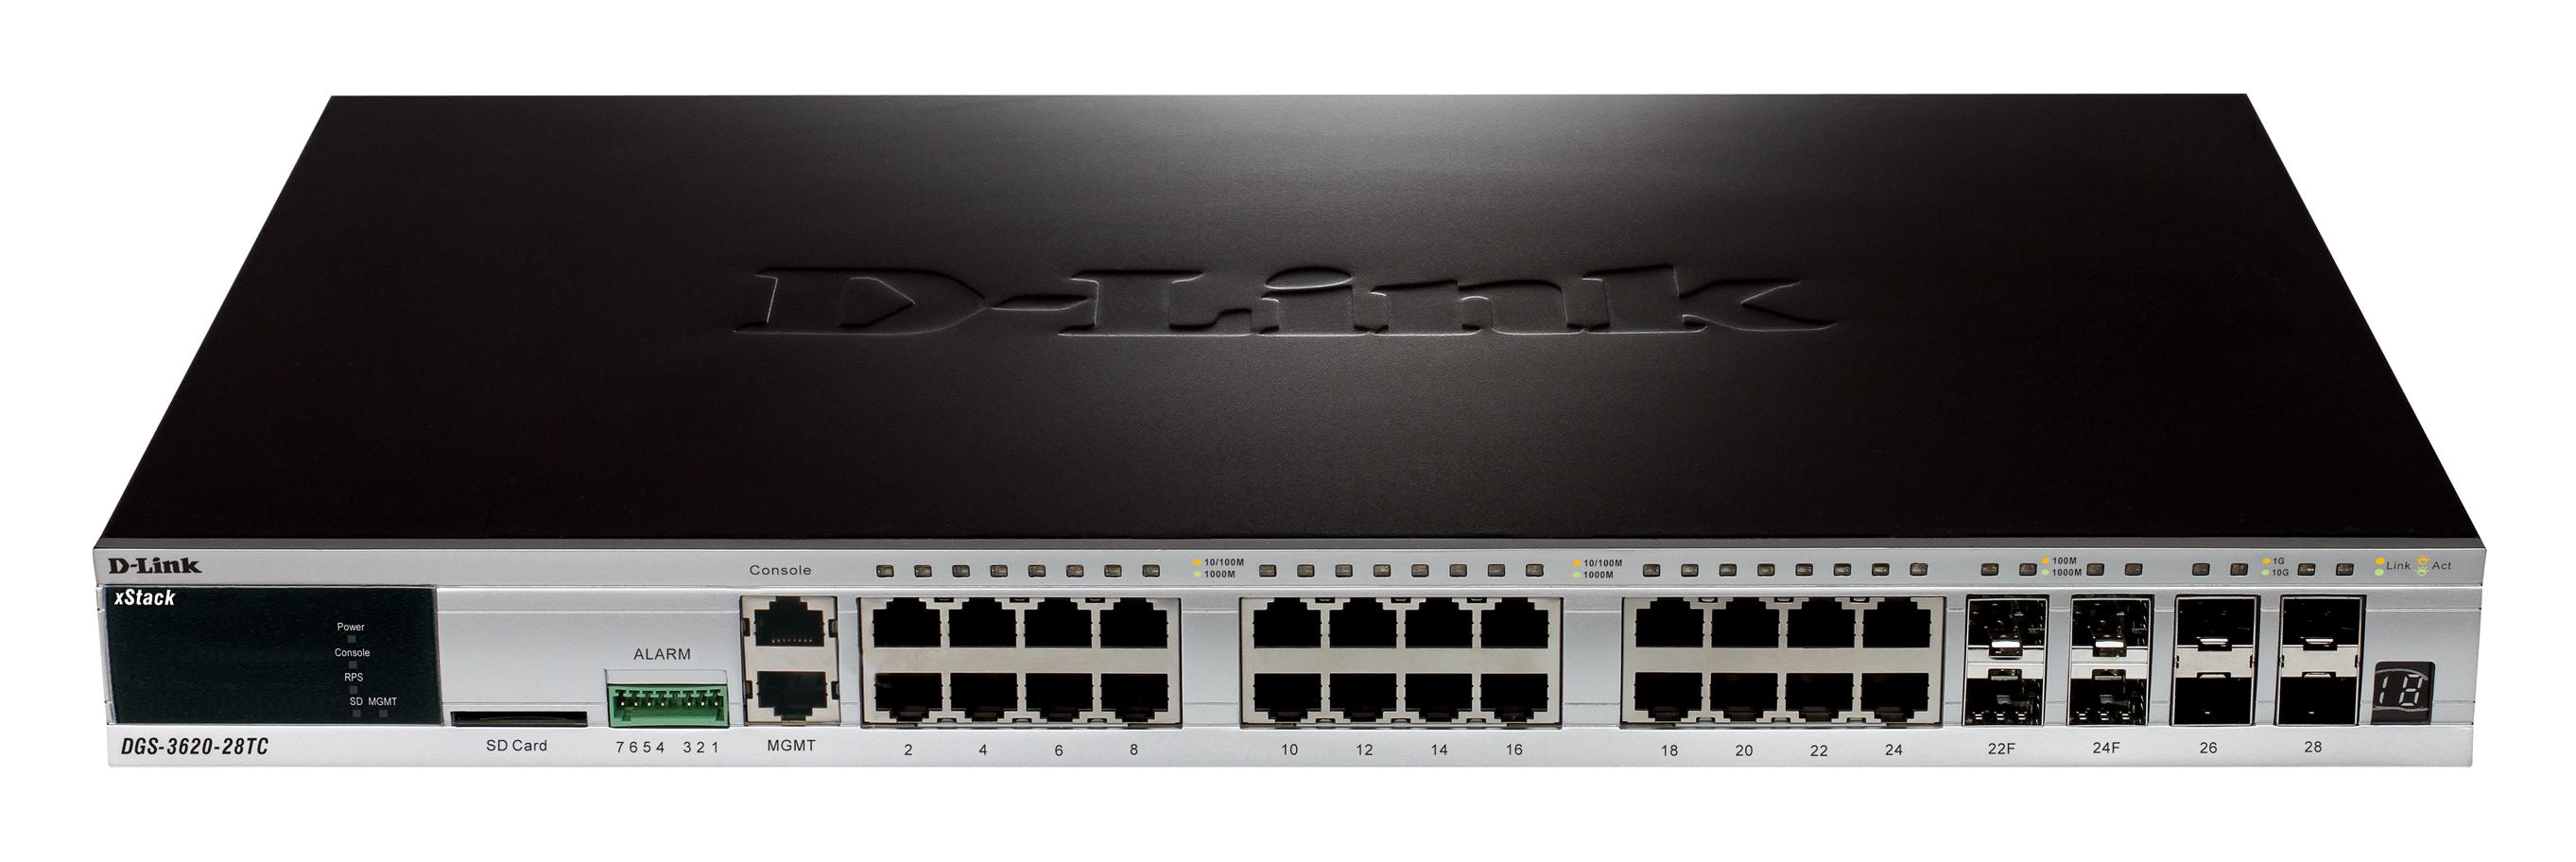 D-Link DGS-3620-28PC-EI L3 Gigabit Switch Windows 8 Driver Download